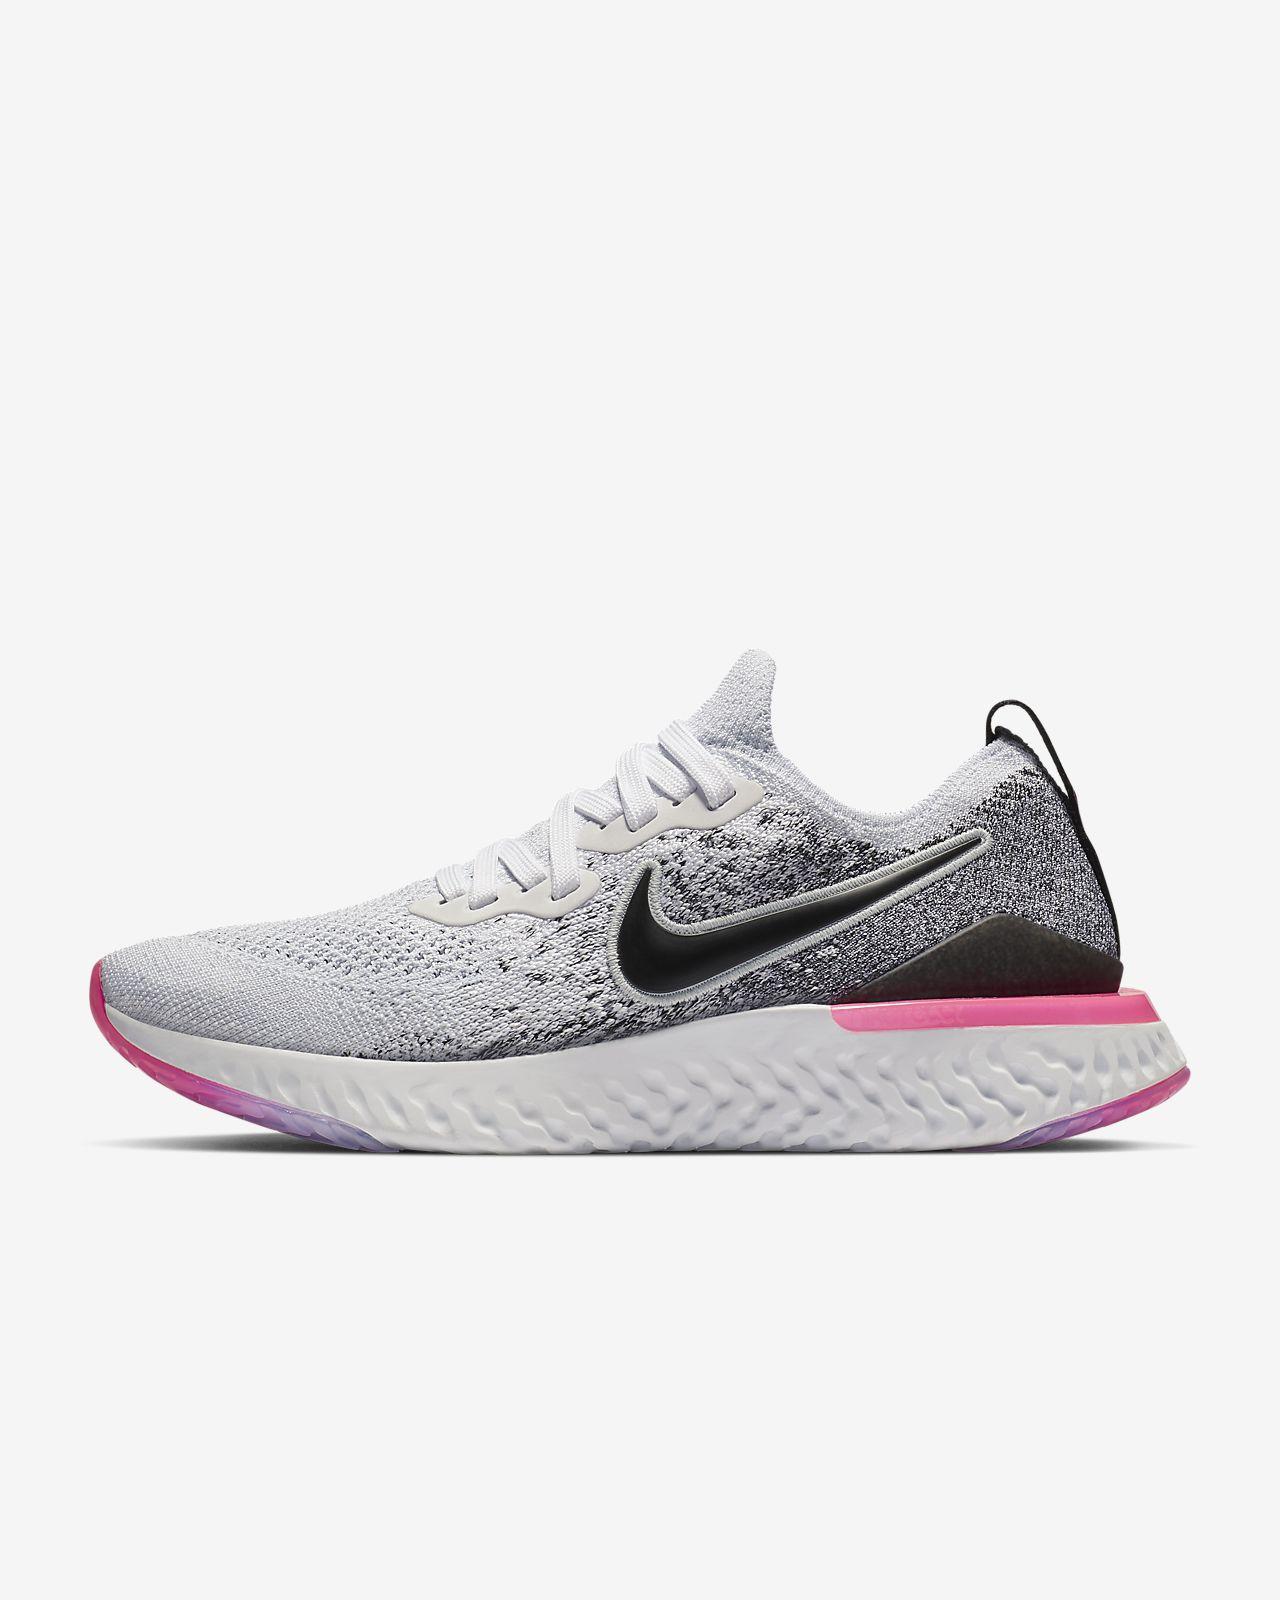 1c4a960102 Nike Epic React Flyknit 2 Women's Running Shoe. Nike.com PT